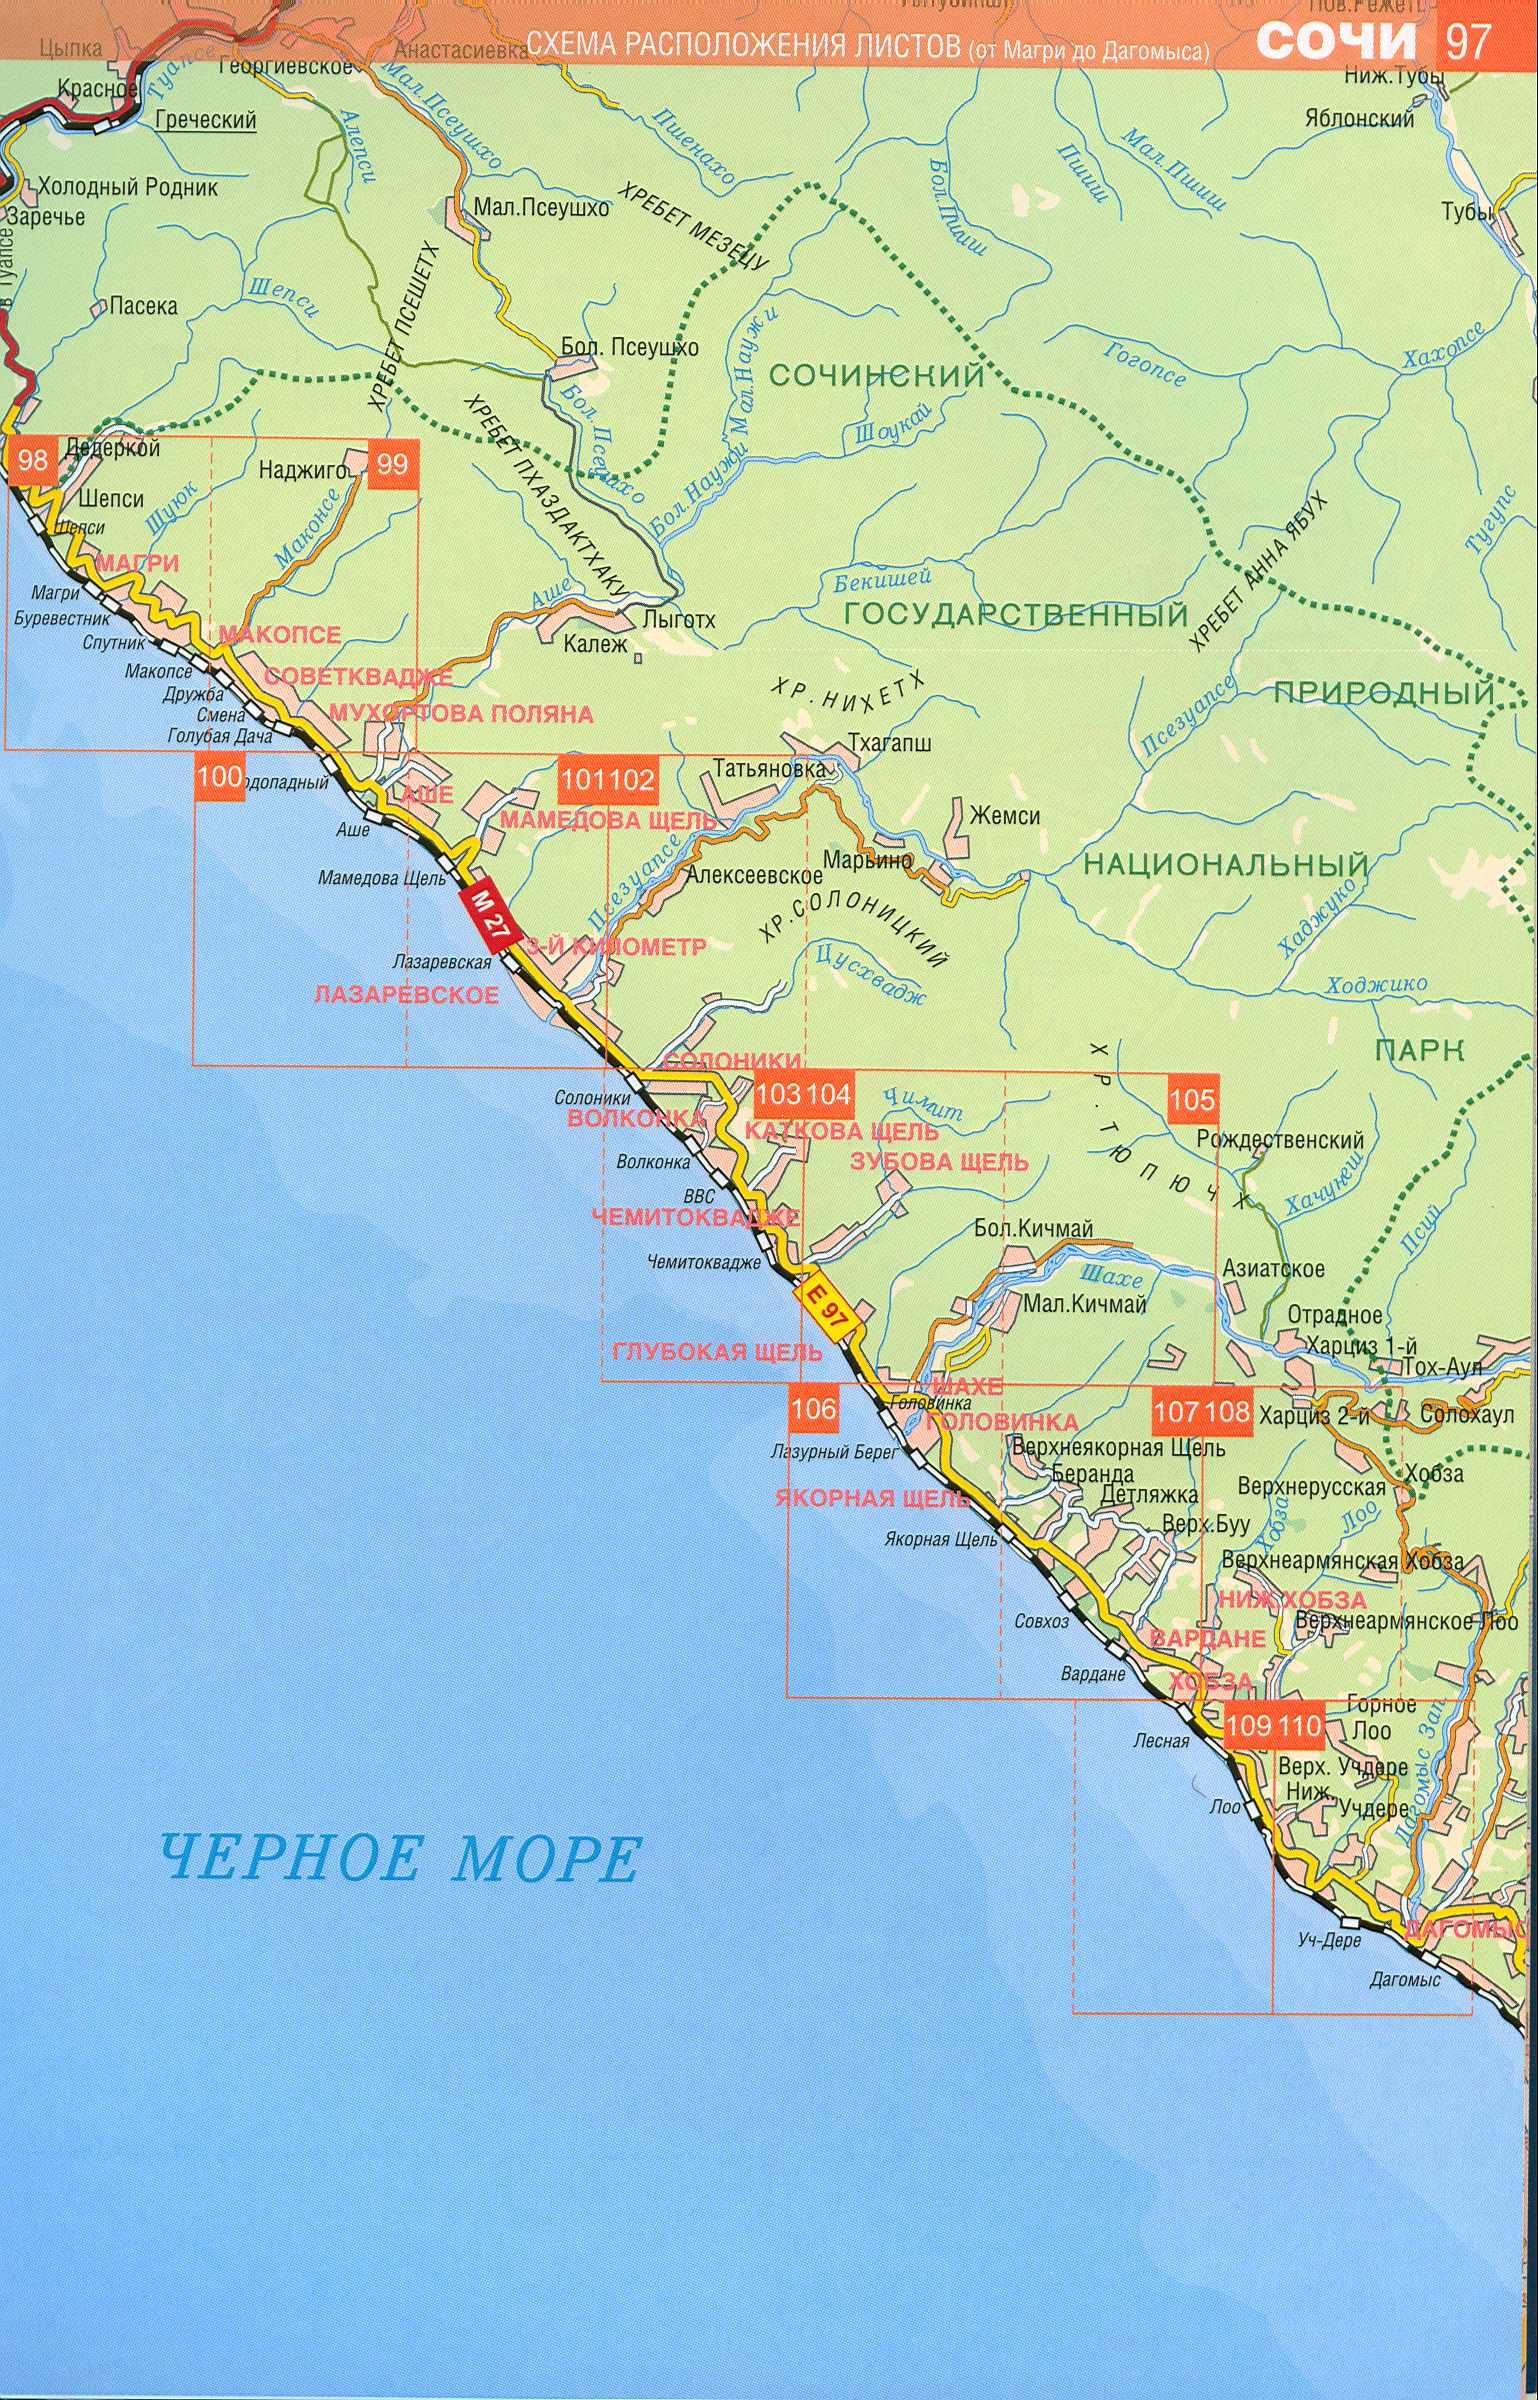 Карта схема автомобильных дорог окрестностей Сочи, Краснодарский край России.